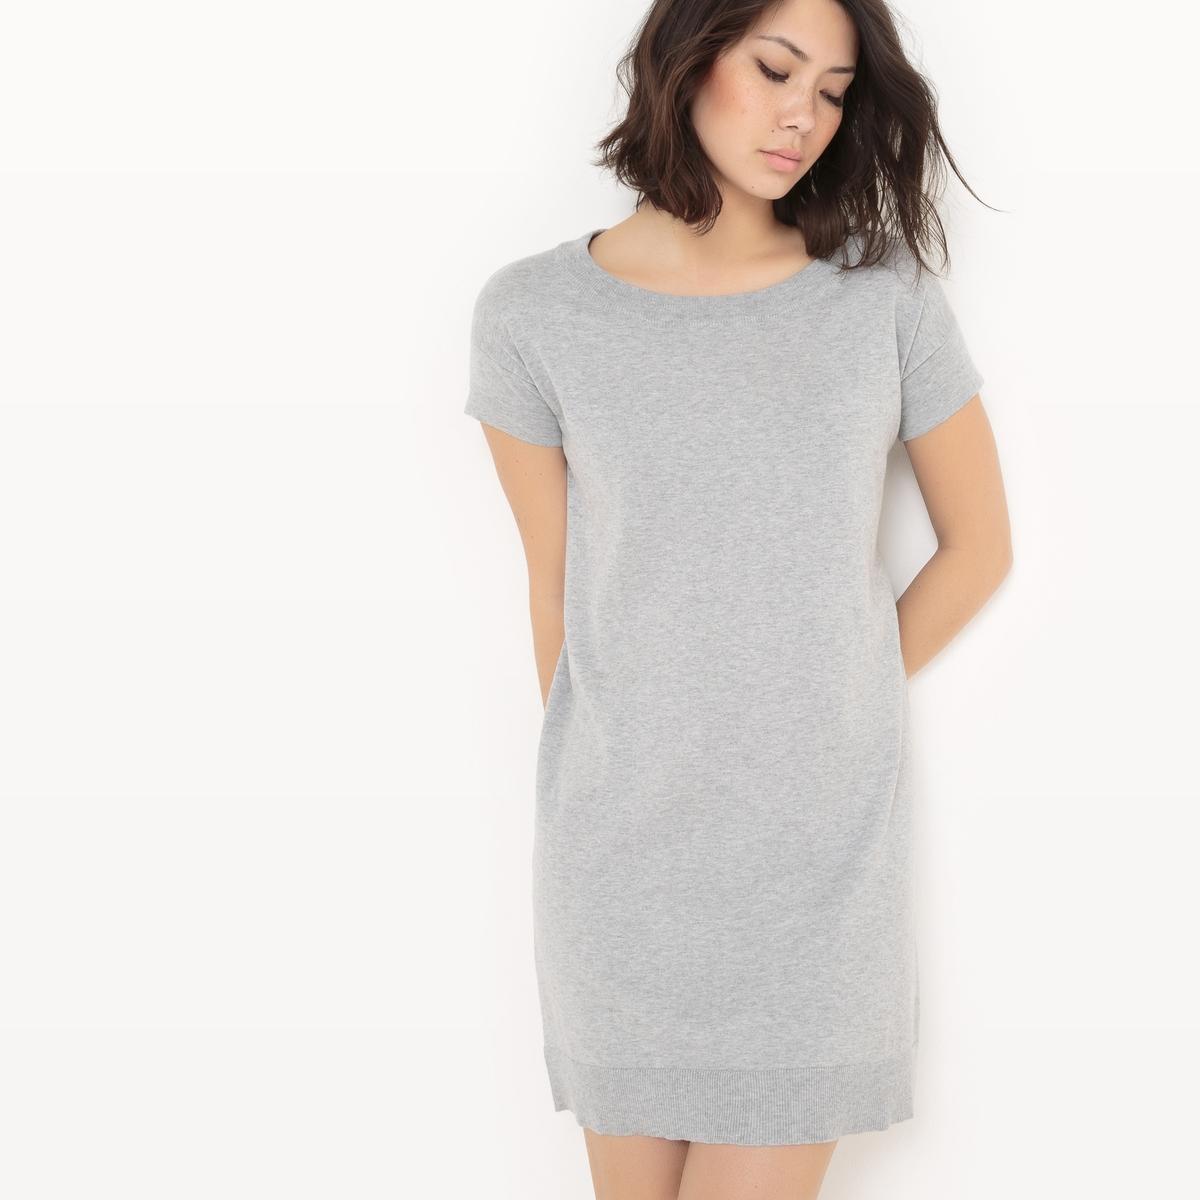 Платье-пуловер из хлопка/шелкаПлатье-пуловер с короткими рукавами . Круглый вырез. Полноценная застежка на пуговицы сзади.                     Состав и описание                                  Материал            70% хлопка, 20% полиамида, 10% шелка             Длина: 90 см.                            Уход             Ручная стирка             Стирать и гладить с изнаночной стороны             Сухая чистка и отбеливание запрещены             Машинная сушка запрещена             Гладить при низкой температуре<br><br>Цвет: светло-розовый,серый меланж<br>Размер: XXL.S.L.XL